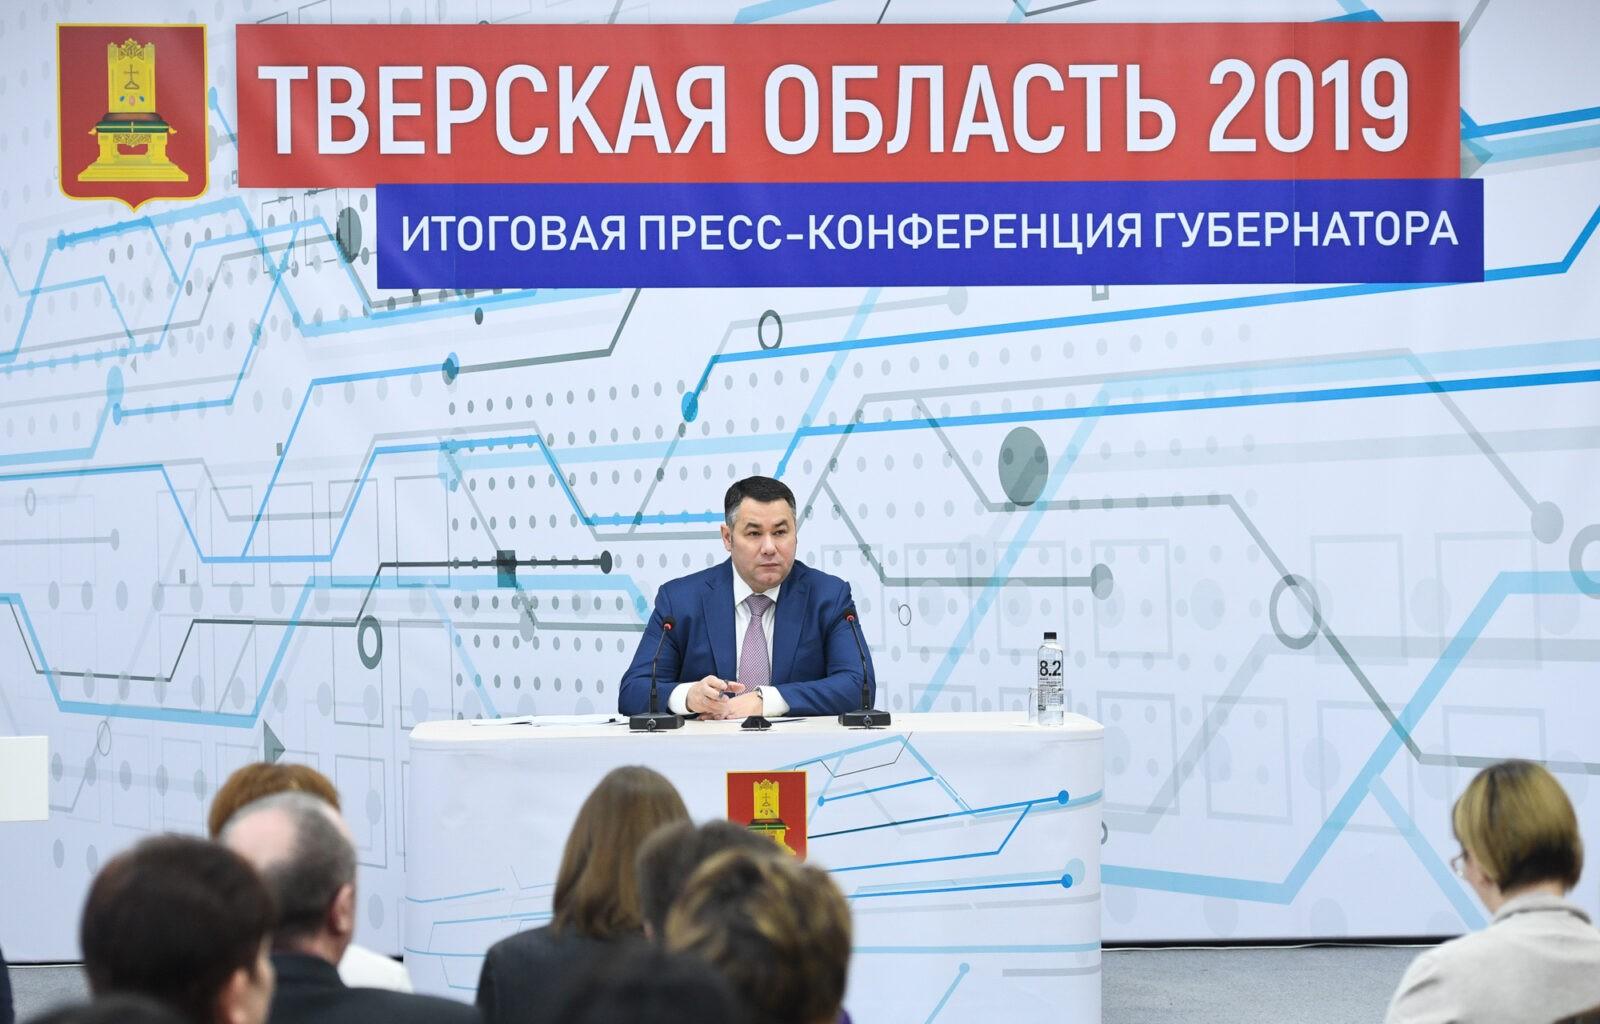 Губернатор Тверской области ответил на вопрос о поддержке многодетных семей